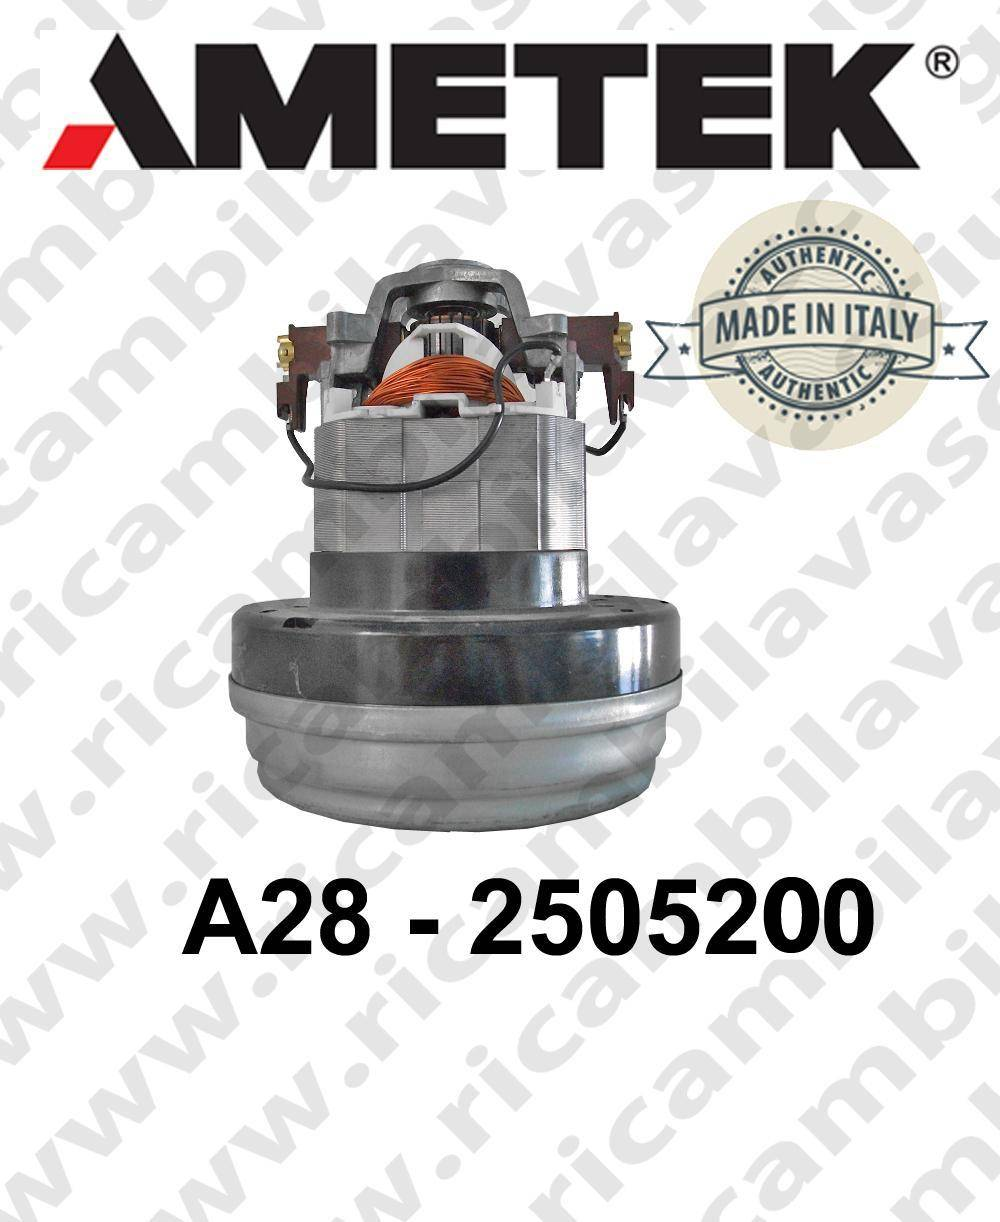 Ametek Motore di aspirazione ITALIA A28 2505200 per aspirapolvere